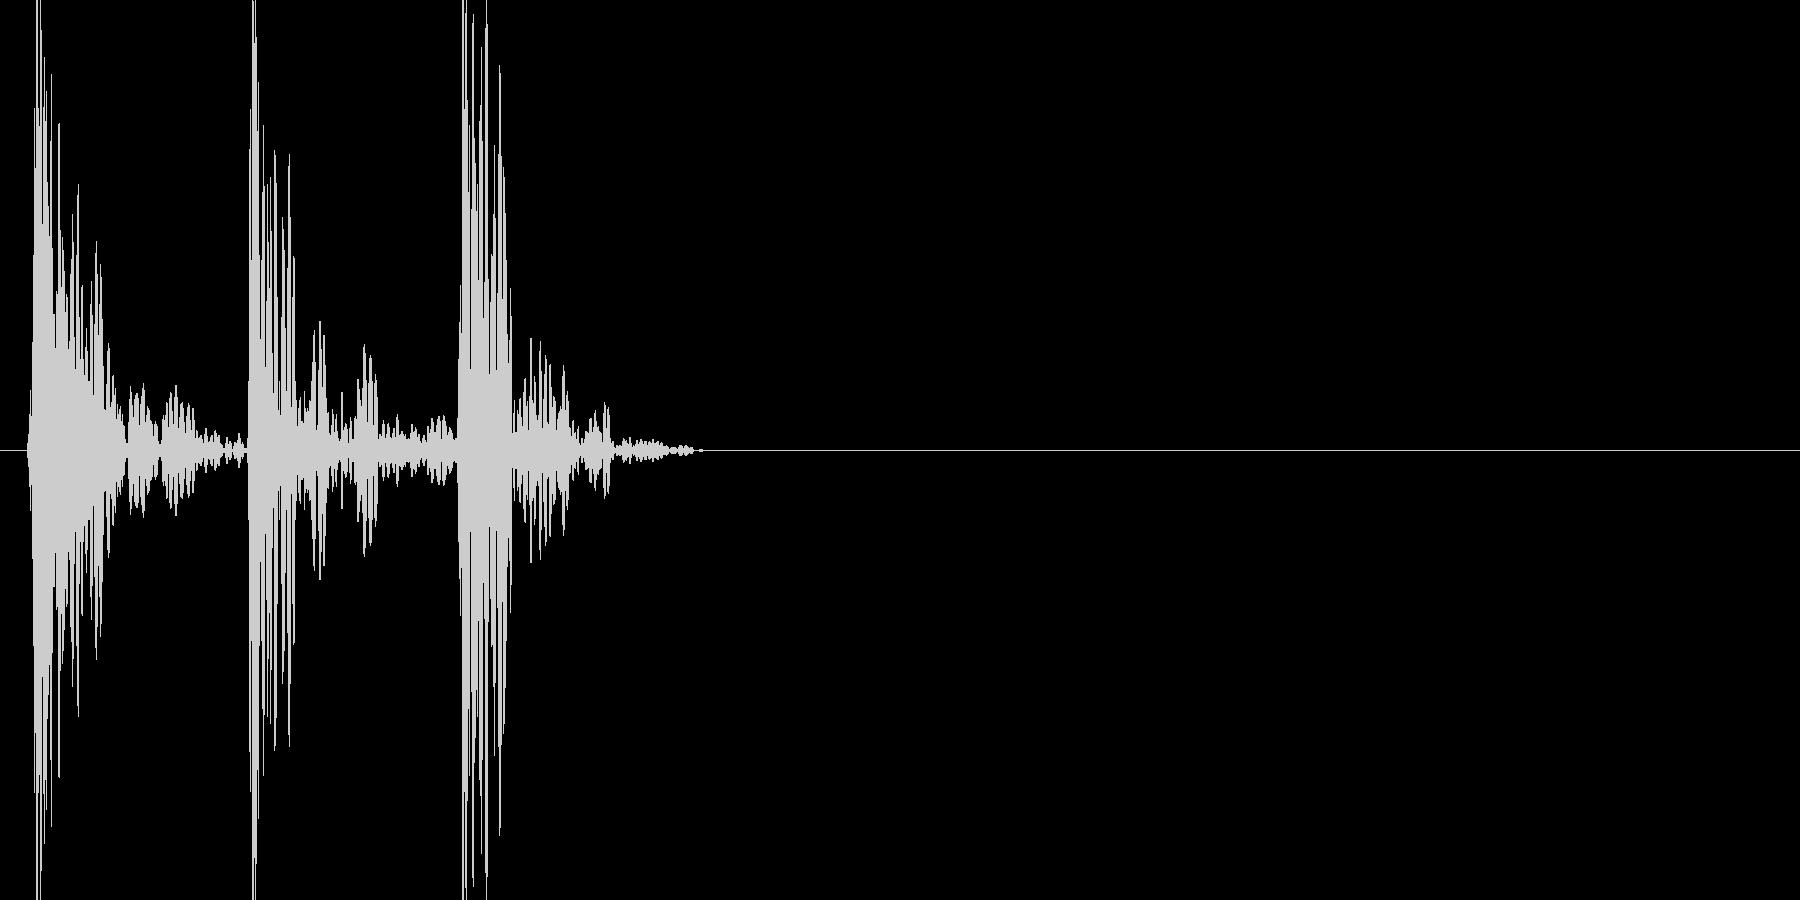 ドンドンドン(叩く音)の未再生の波形